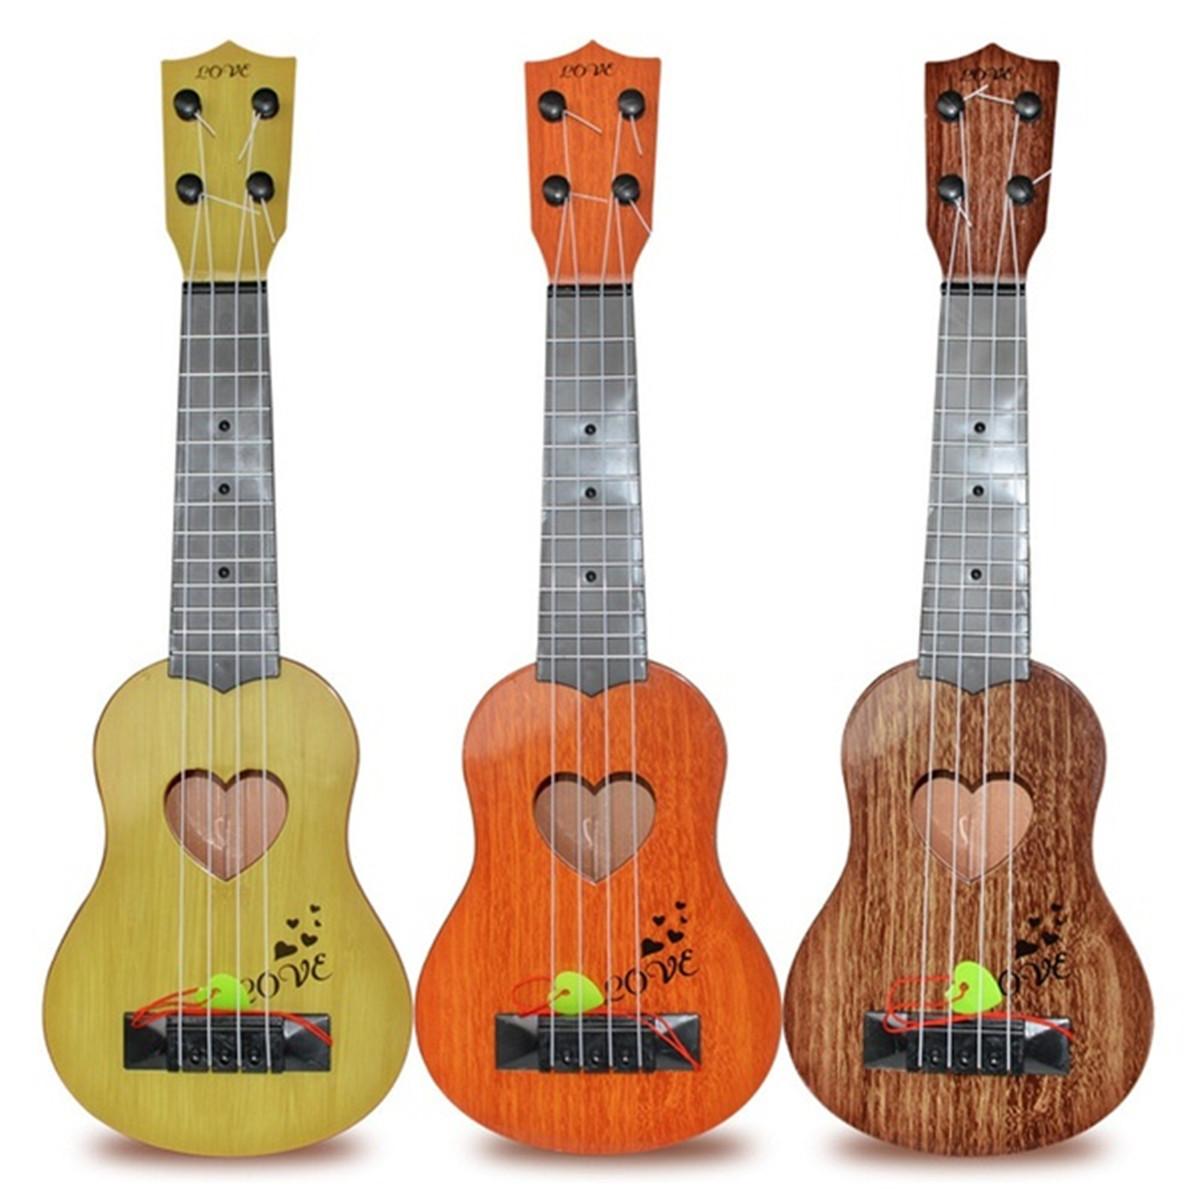 Классическая Укулеле Развивающая игрушка Музыкальный инструмент для детей Просвещение музыки